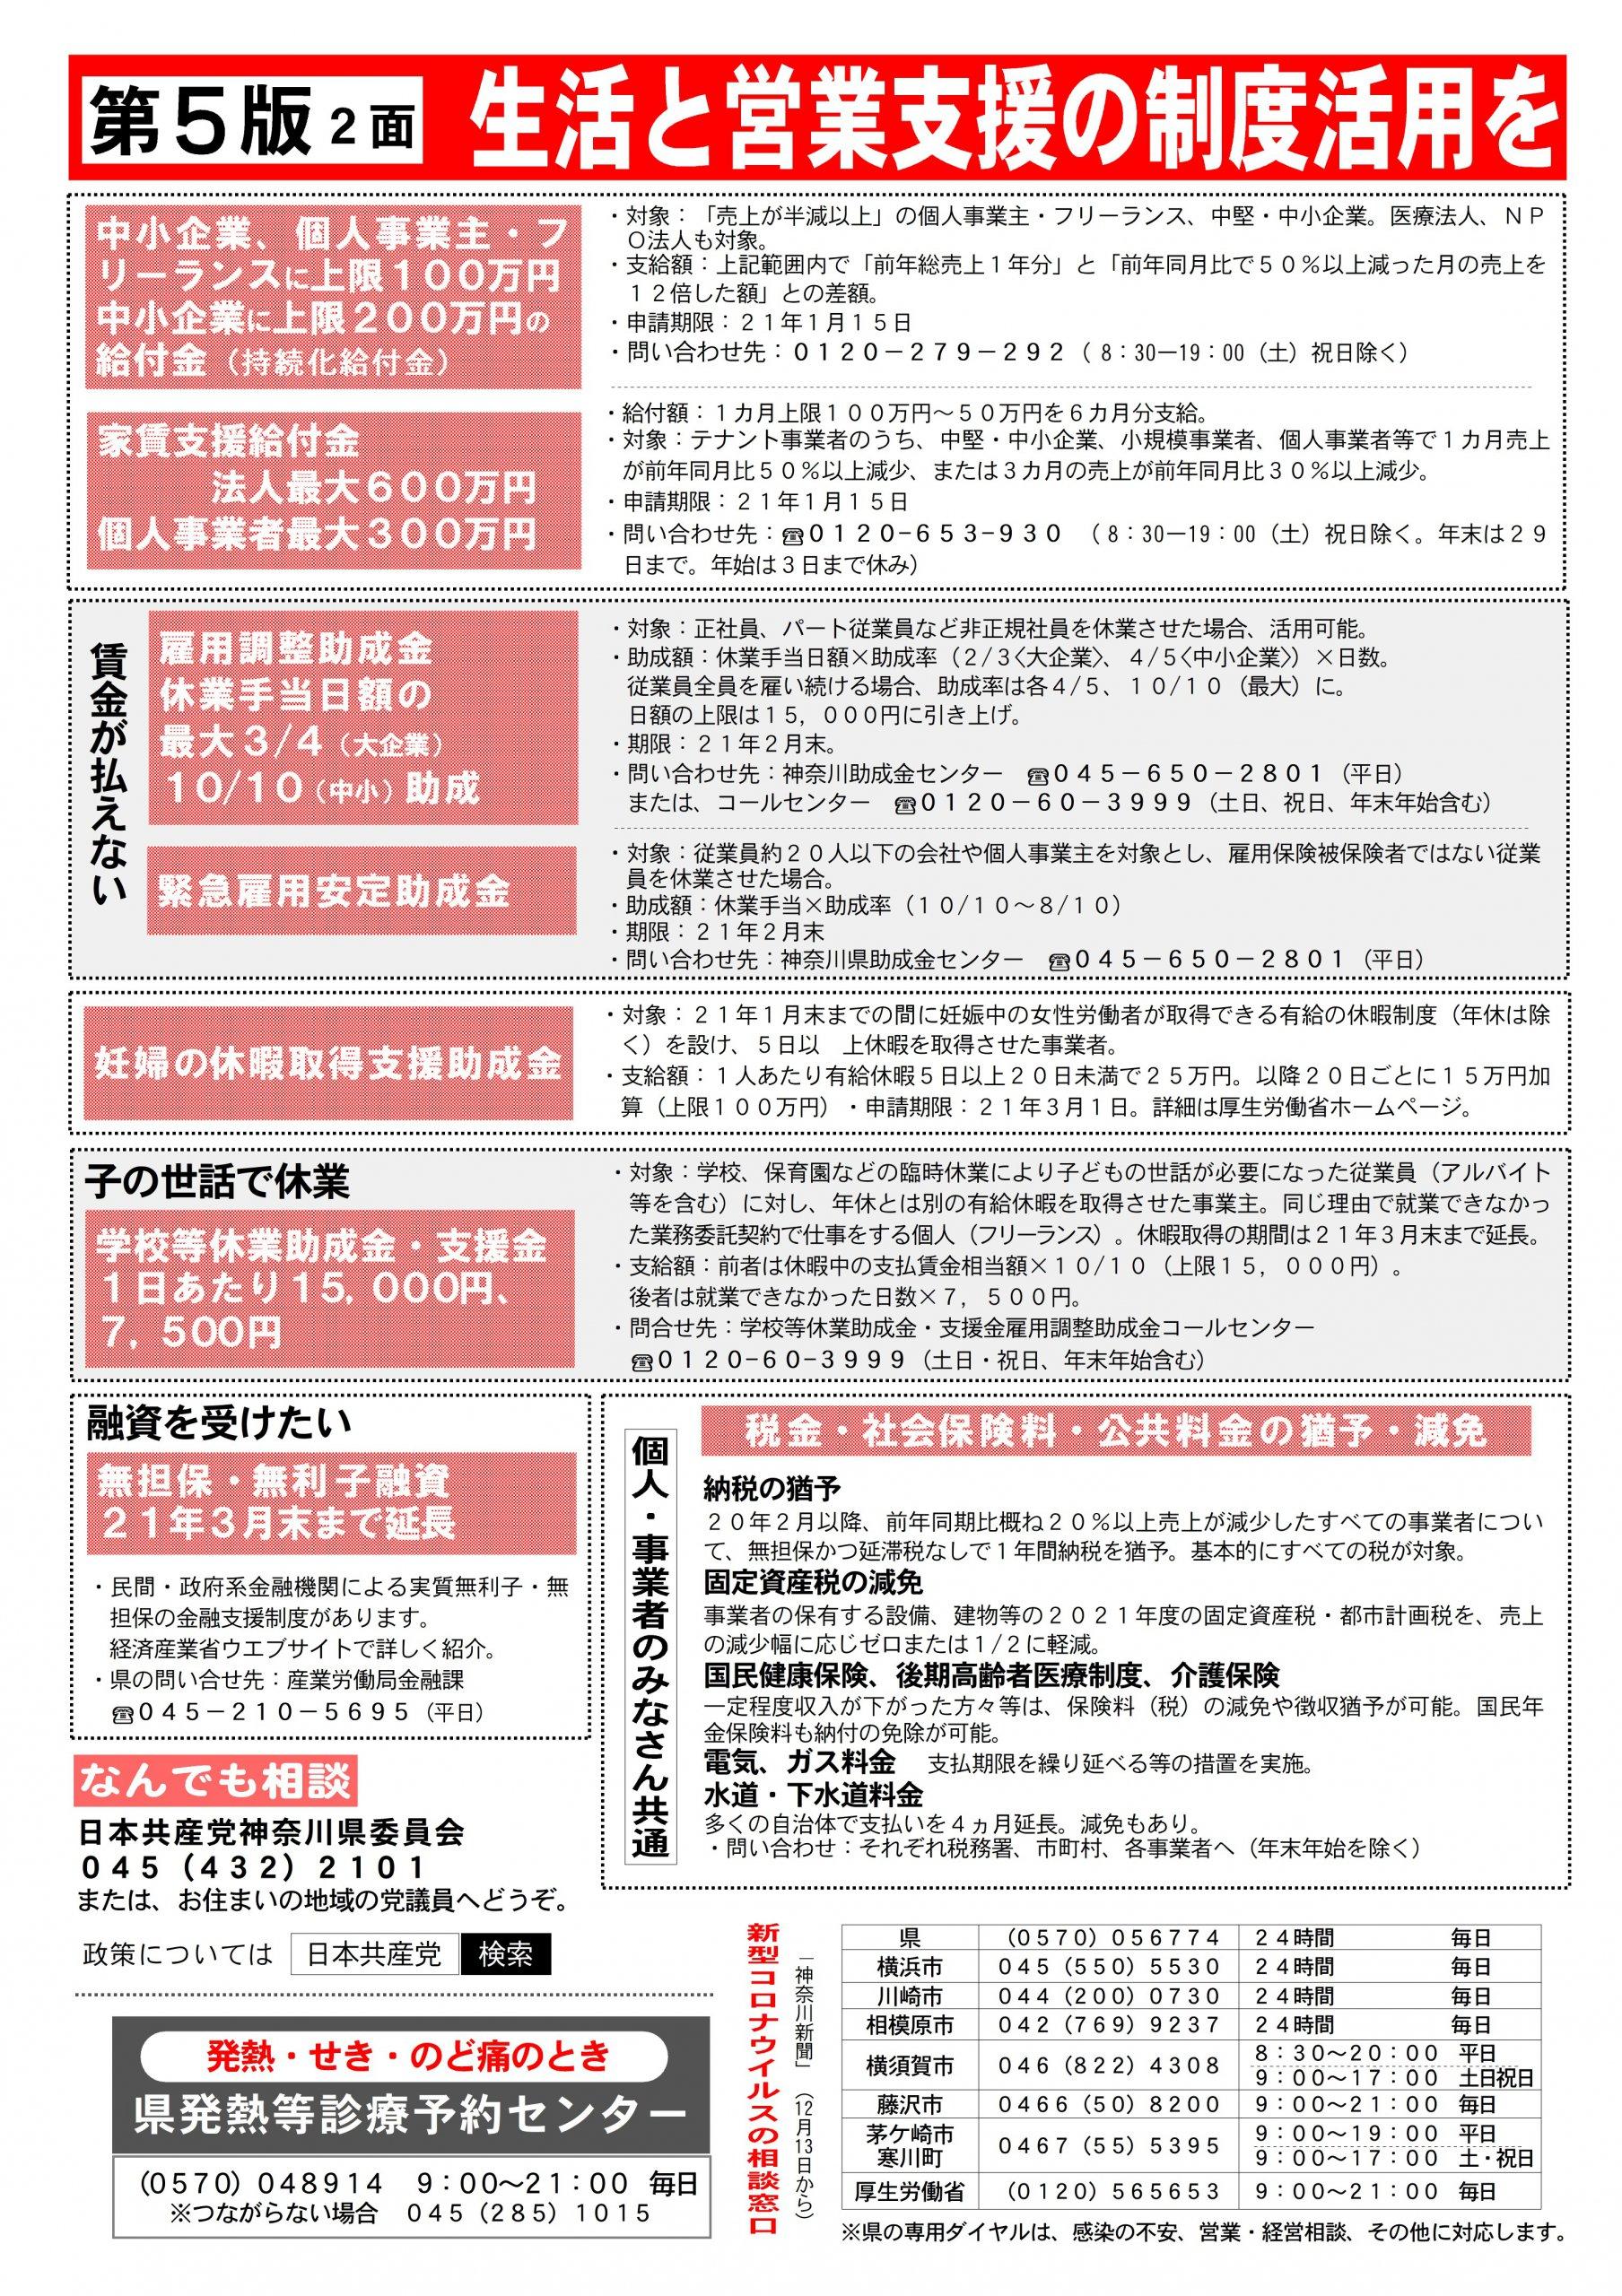 生活支援・相談窓口一覧(裏).jpg